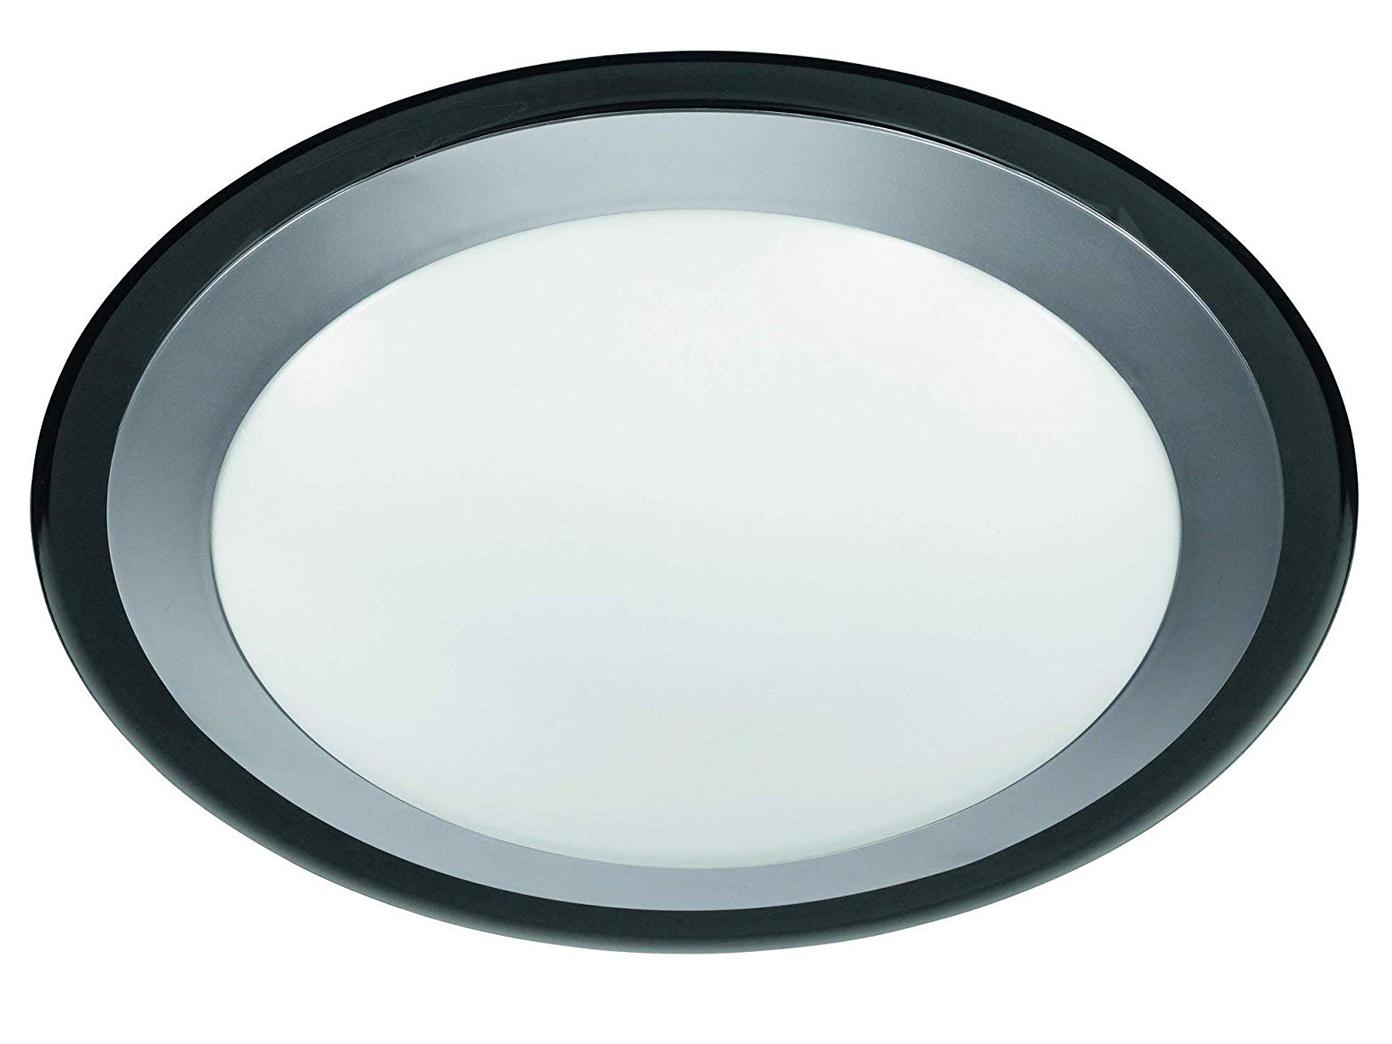 Full Size of Küchen Deckenlampe 5ddf0f50559b2 Wohnzimmer Deckenlampen Für Regal Bad Modern Küche Esstisch Schlafzimmer Wohnzimmer Küchen Deckenlampe